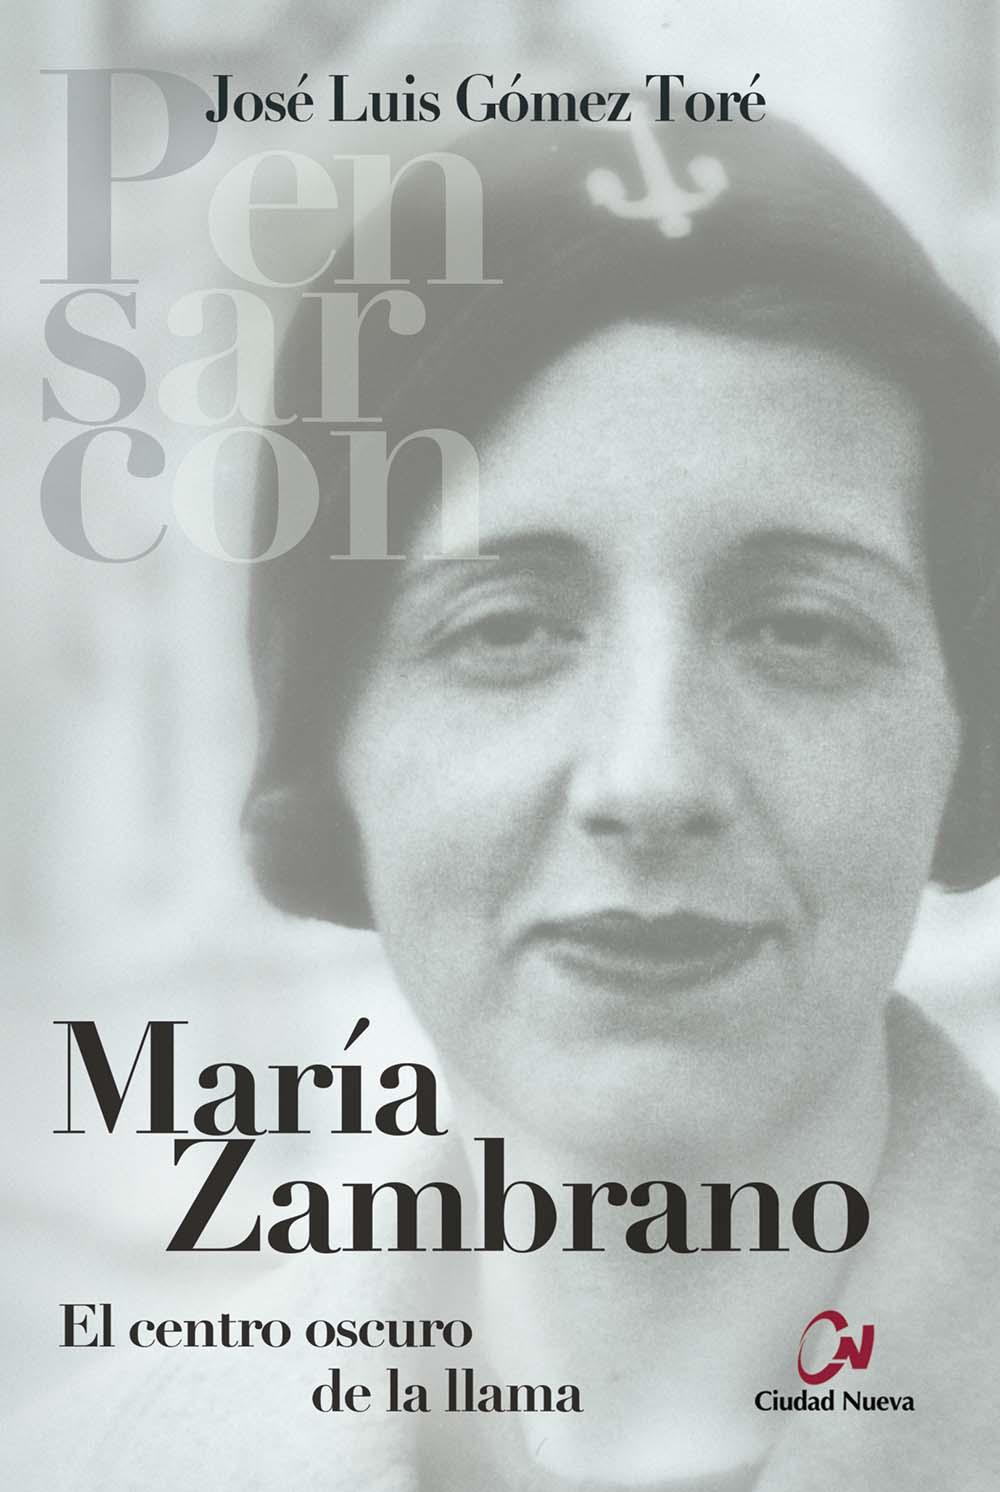 MARÍA ZAMBRANO. EL CENTRO OSCURO DE LA LLAMA